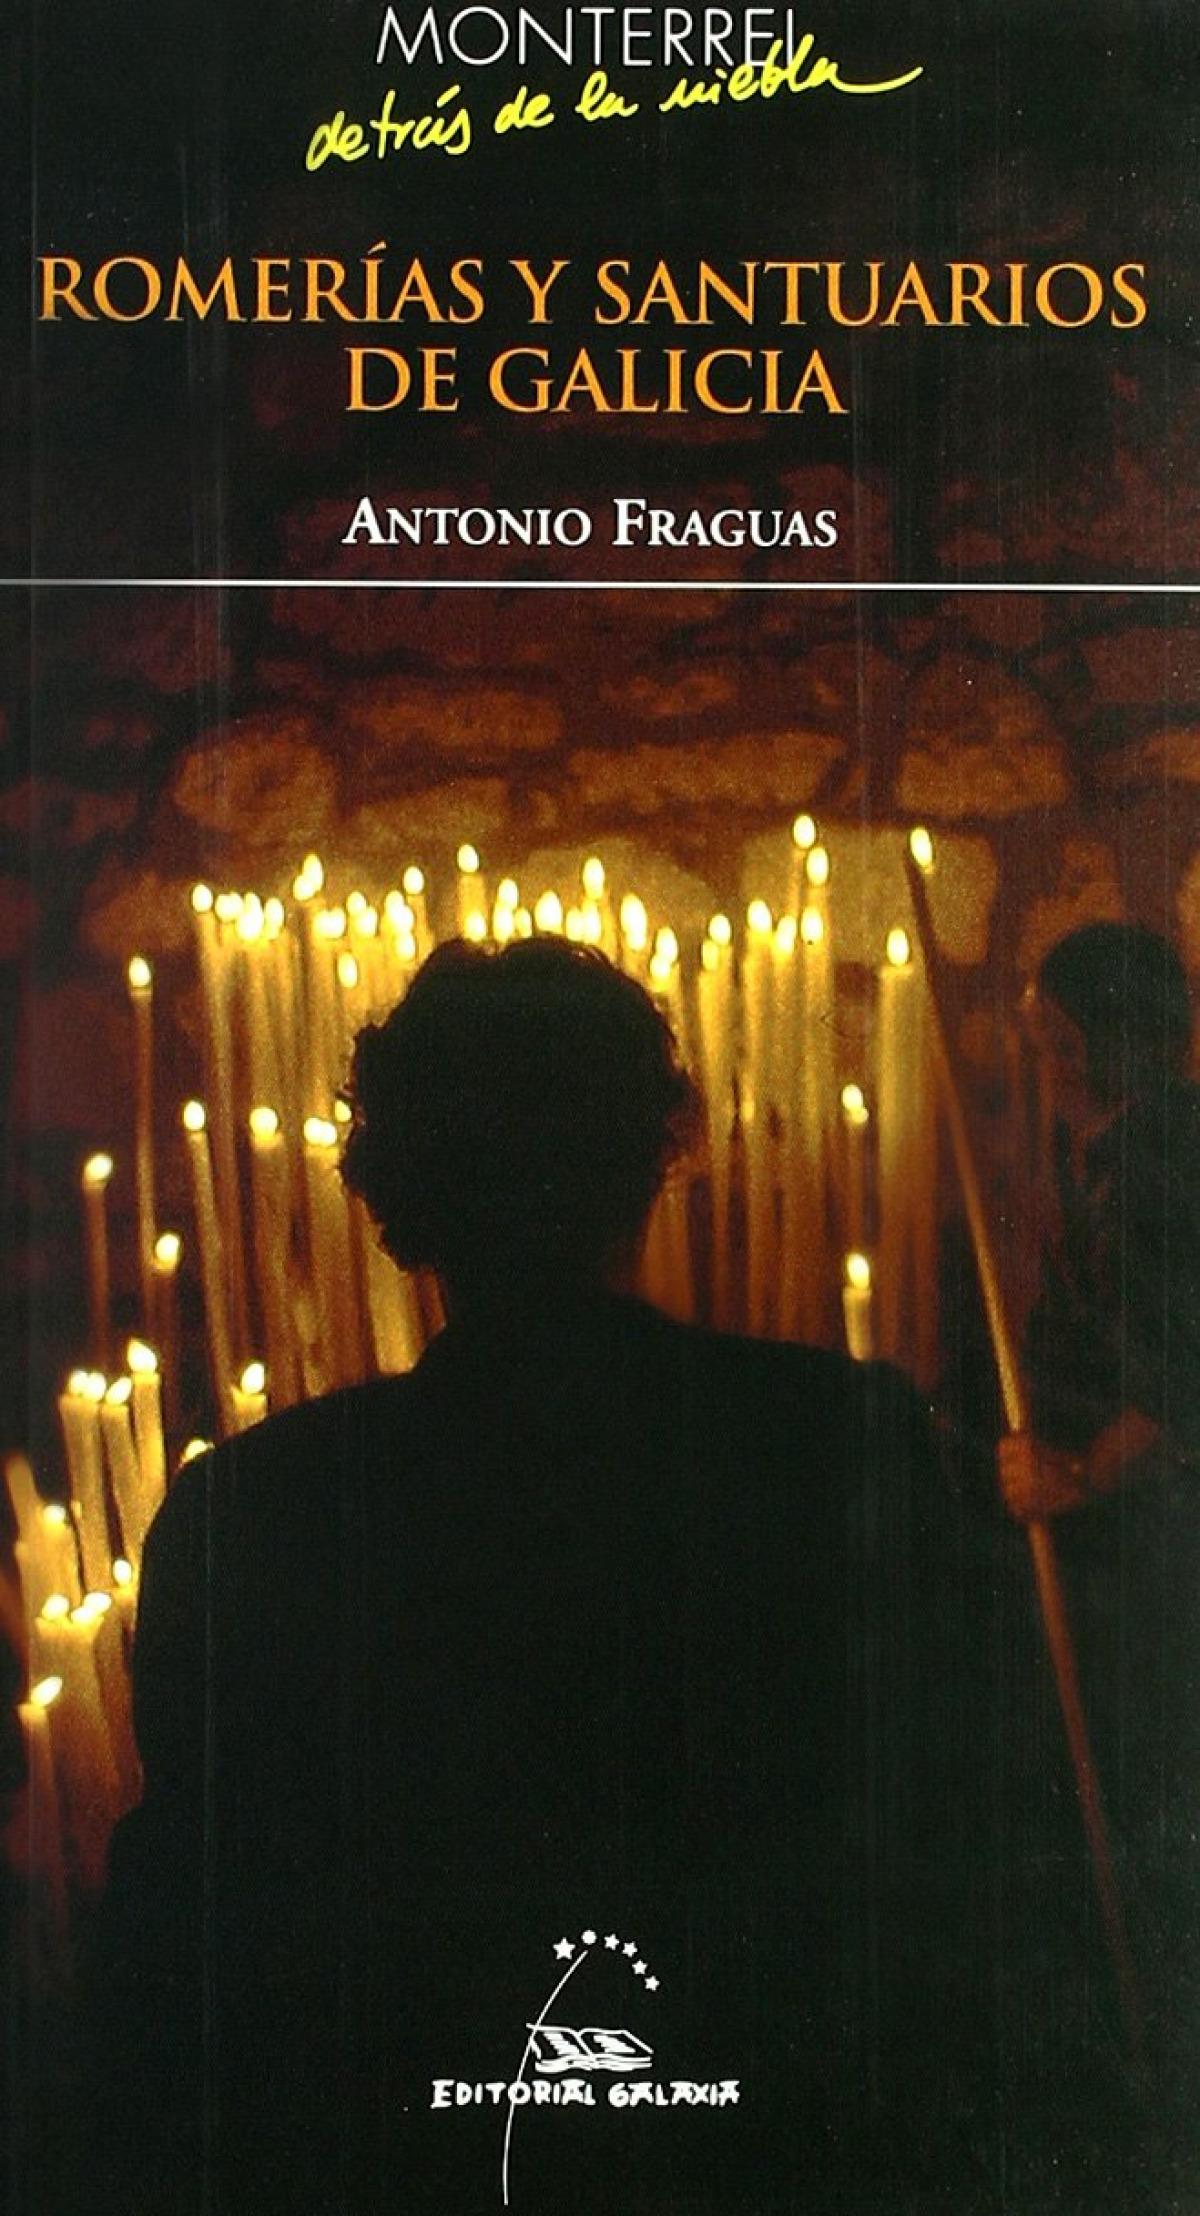 Romerías y santuarios de Galicia